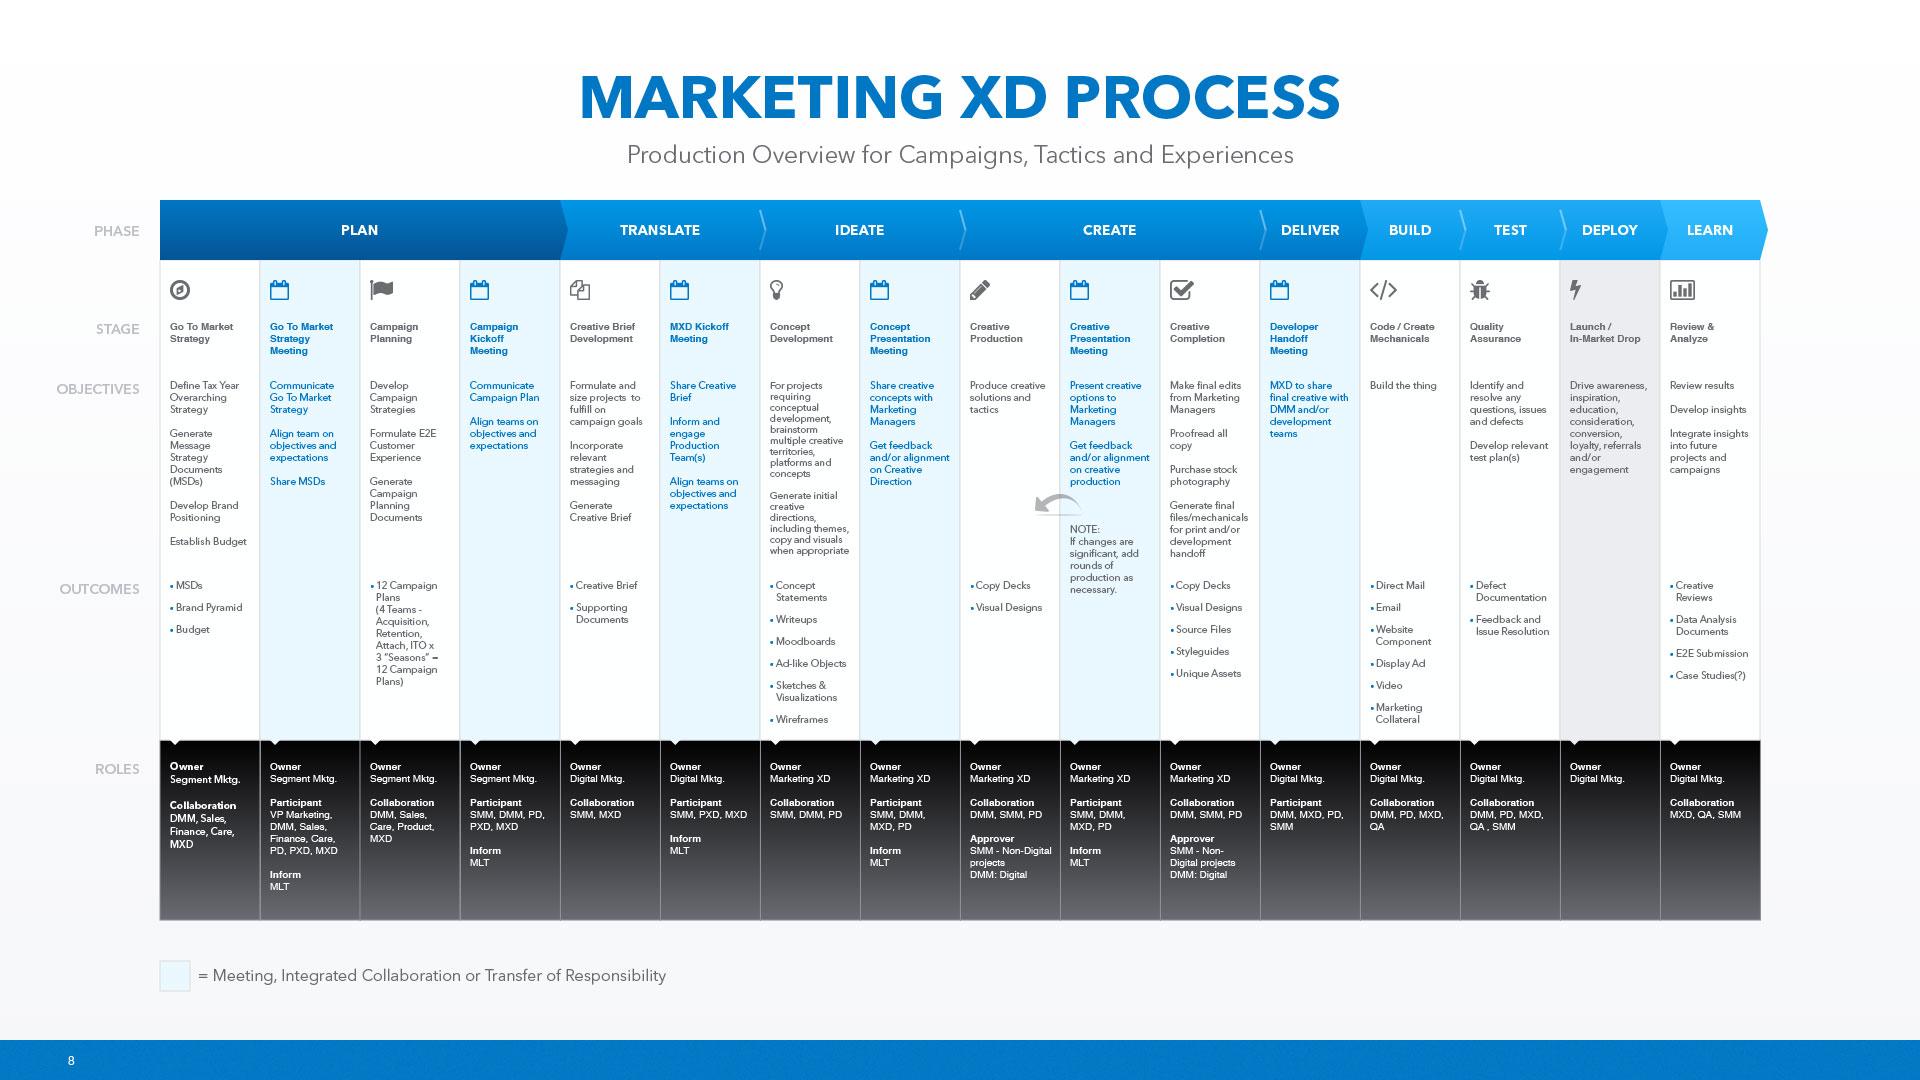 MXD-Process-8